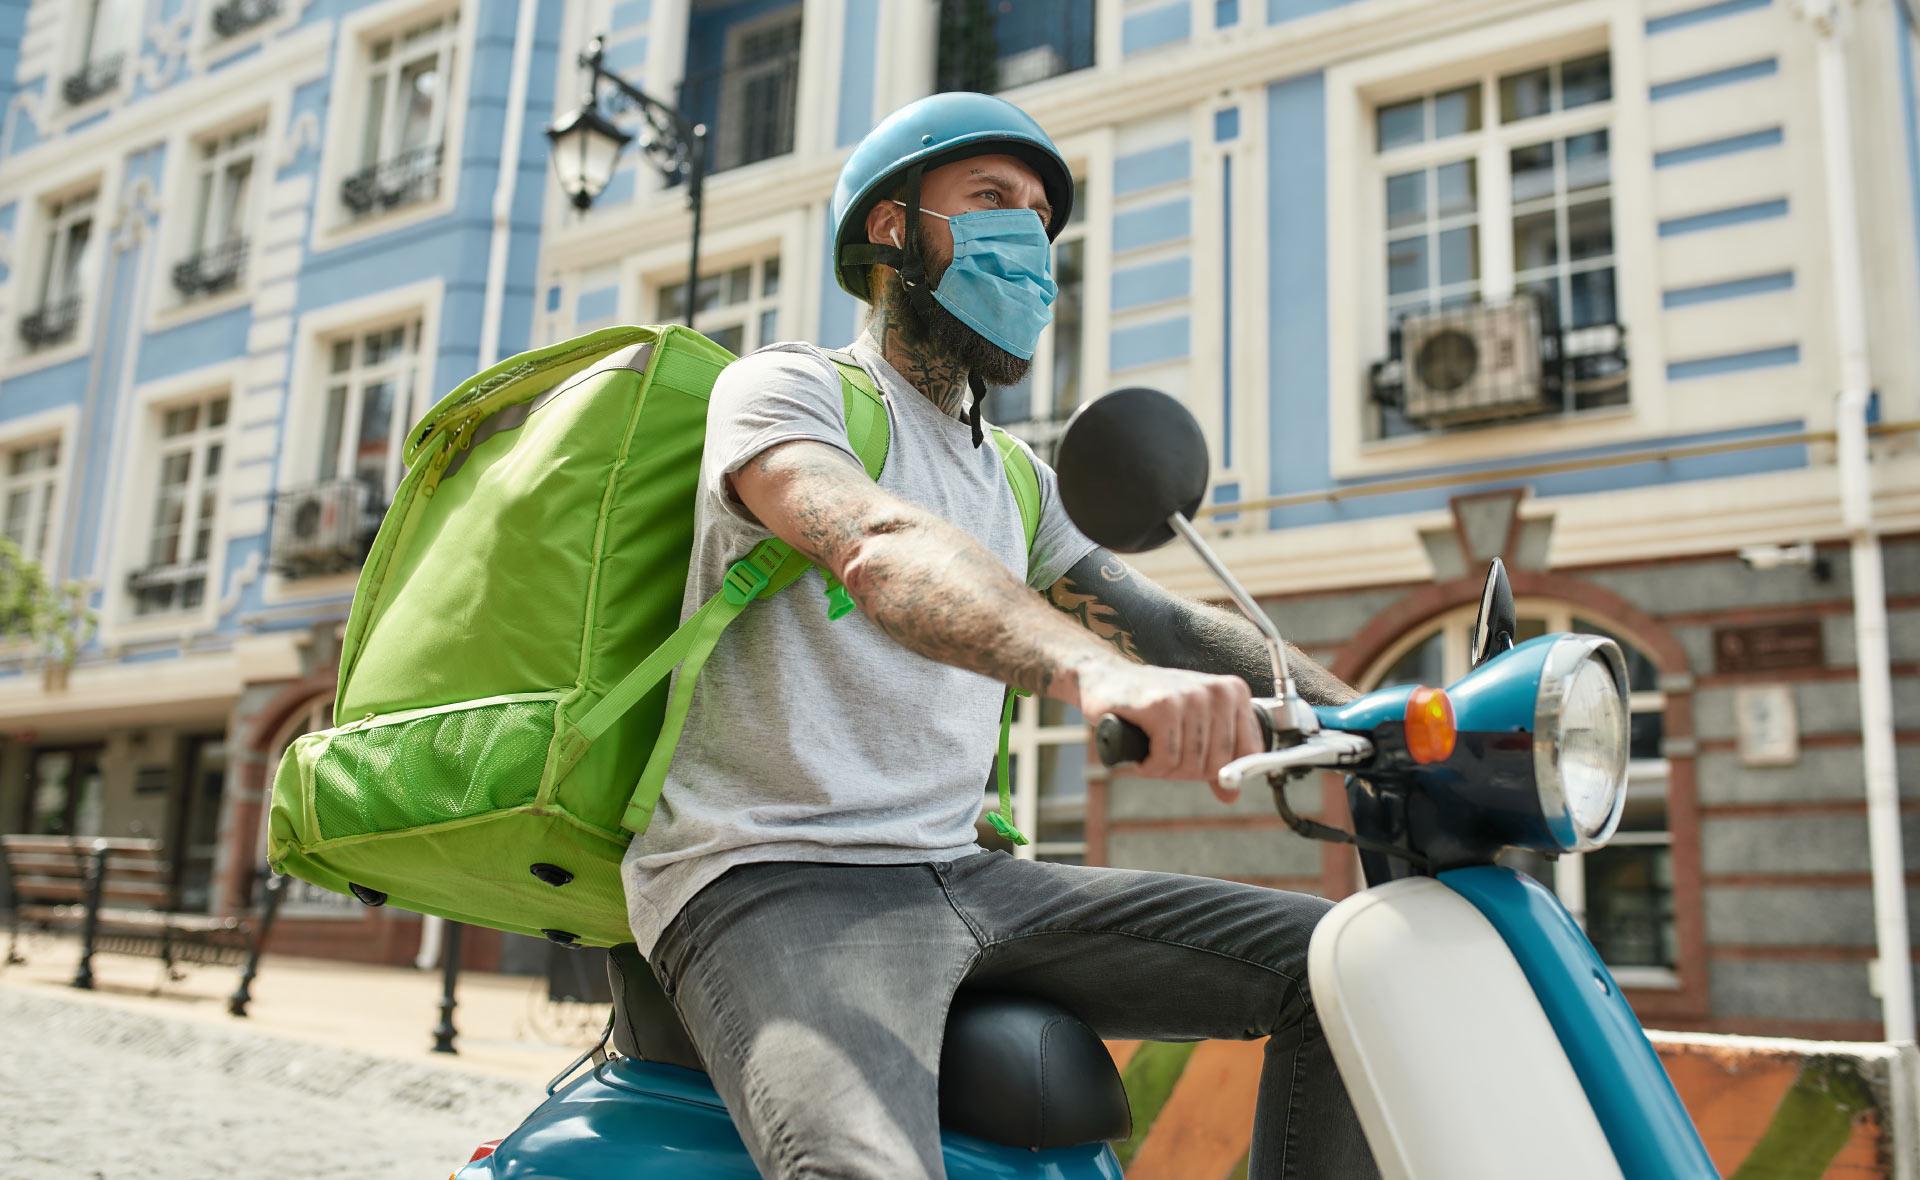 MOTO_ELECTRICA-sostenibilidad-motocicleta-transporte-medioambiente-cuidado-contaminación-